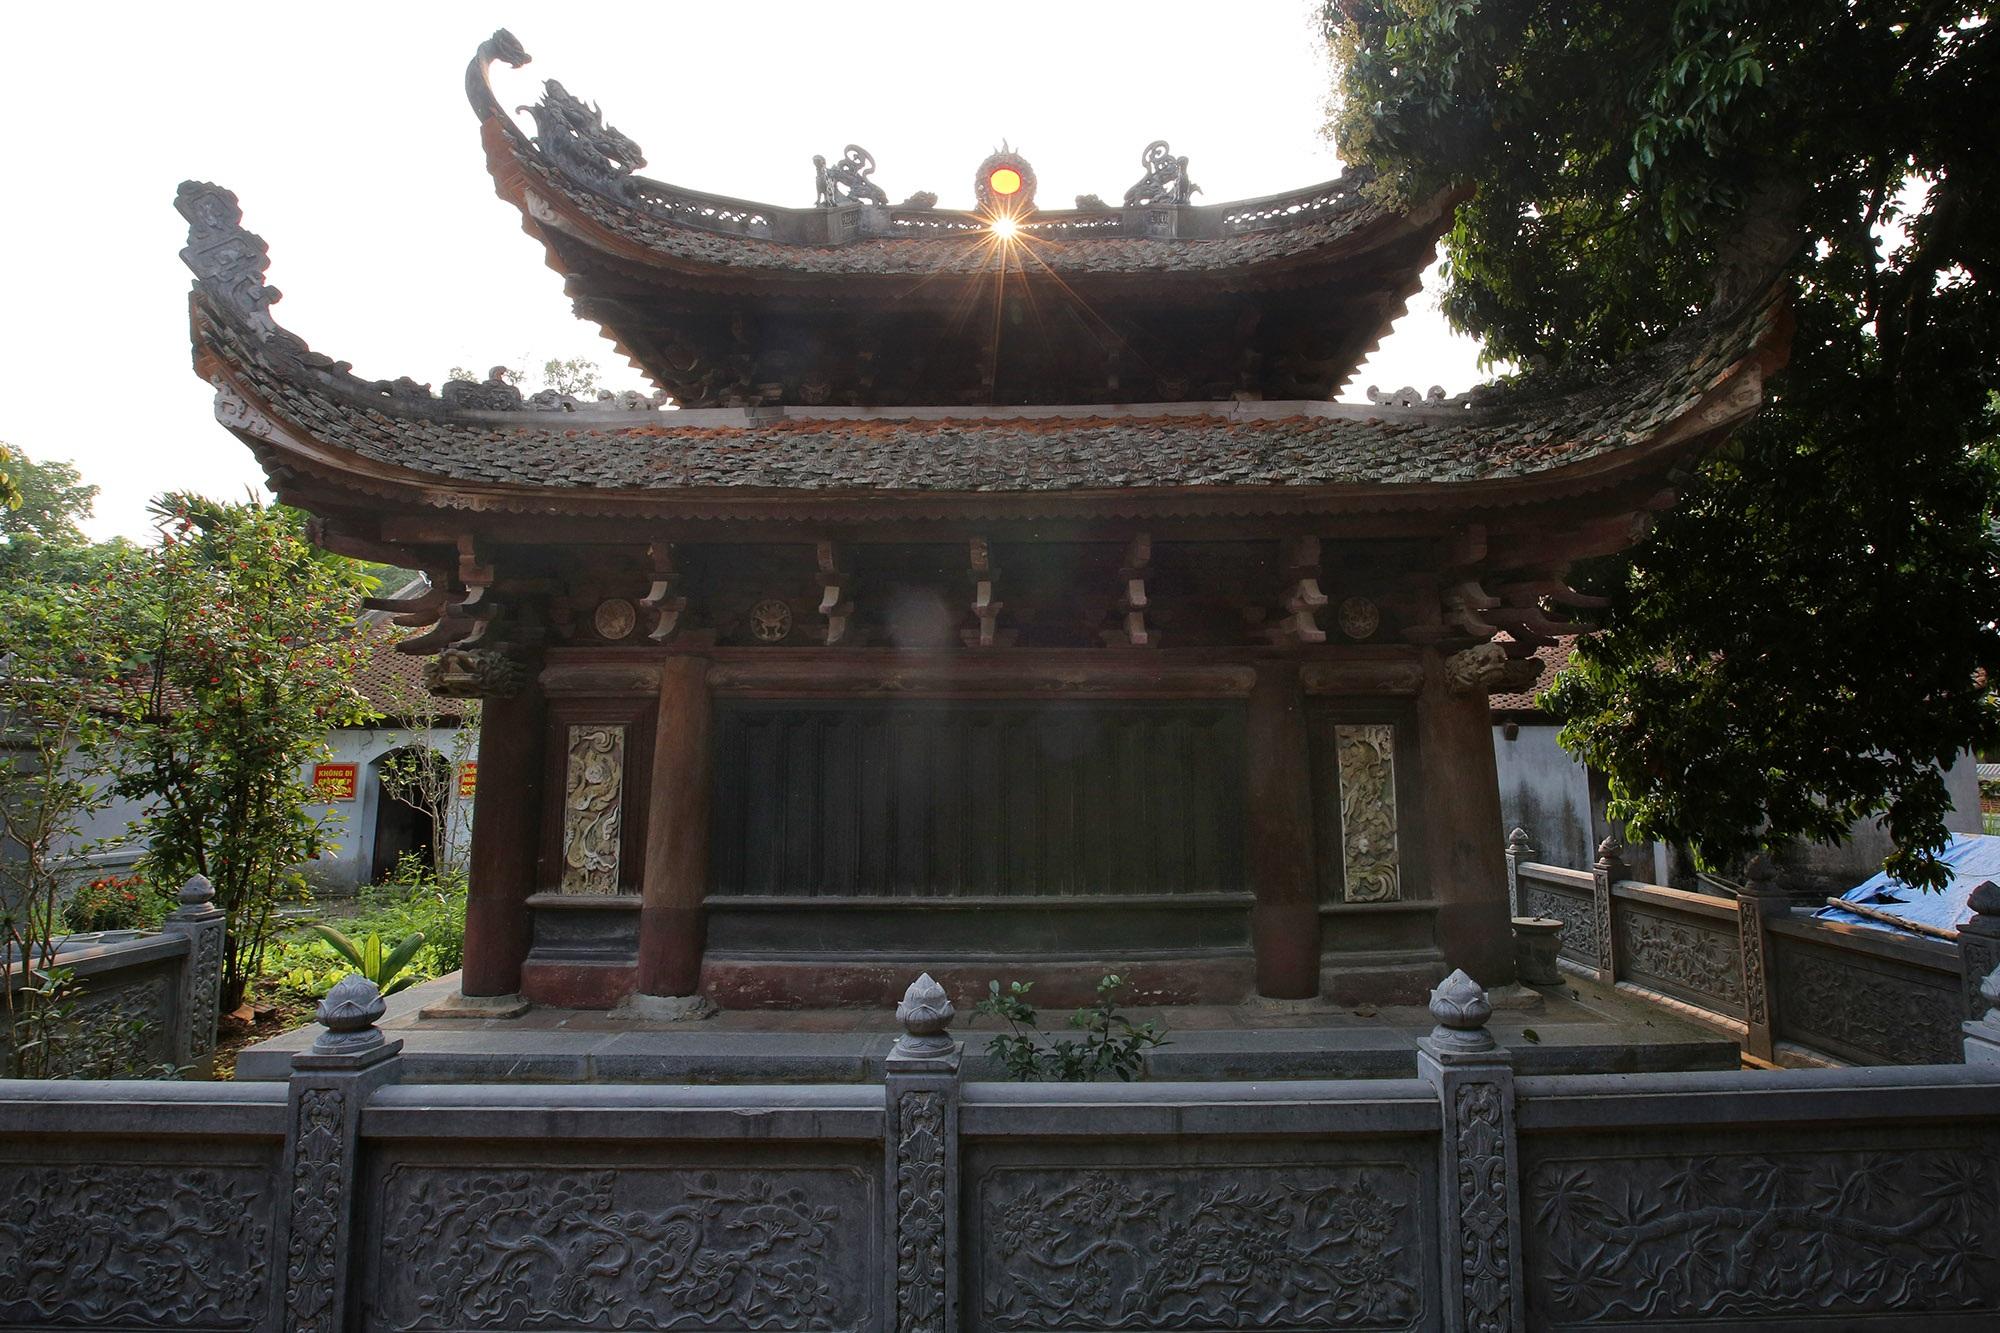 Không gian thanh tịnh tại ngôi chùa gỗ 600 năm tuổi - 10